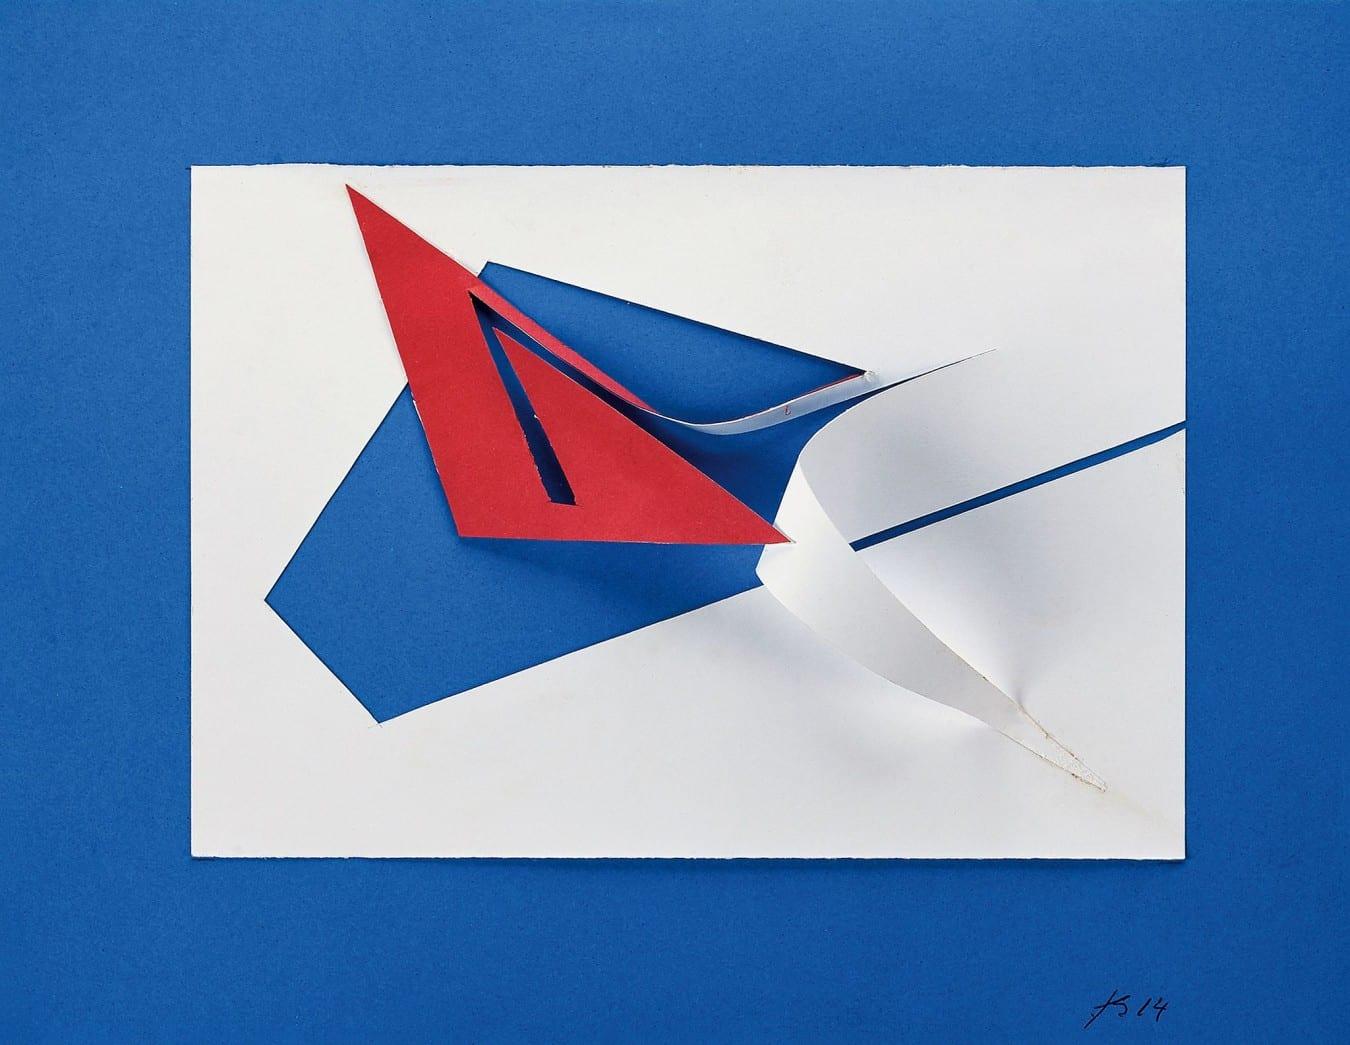 Sobre EXPO Ferreira Gullar 42088953262 b0723997e7 k - Exposição apresenta obras inéditas de Ferreira Gullar